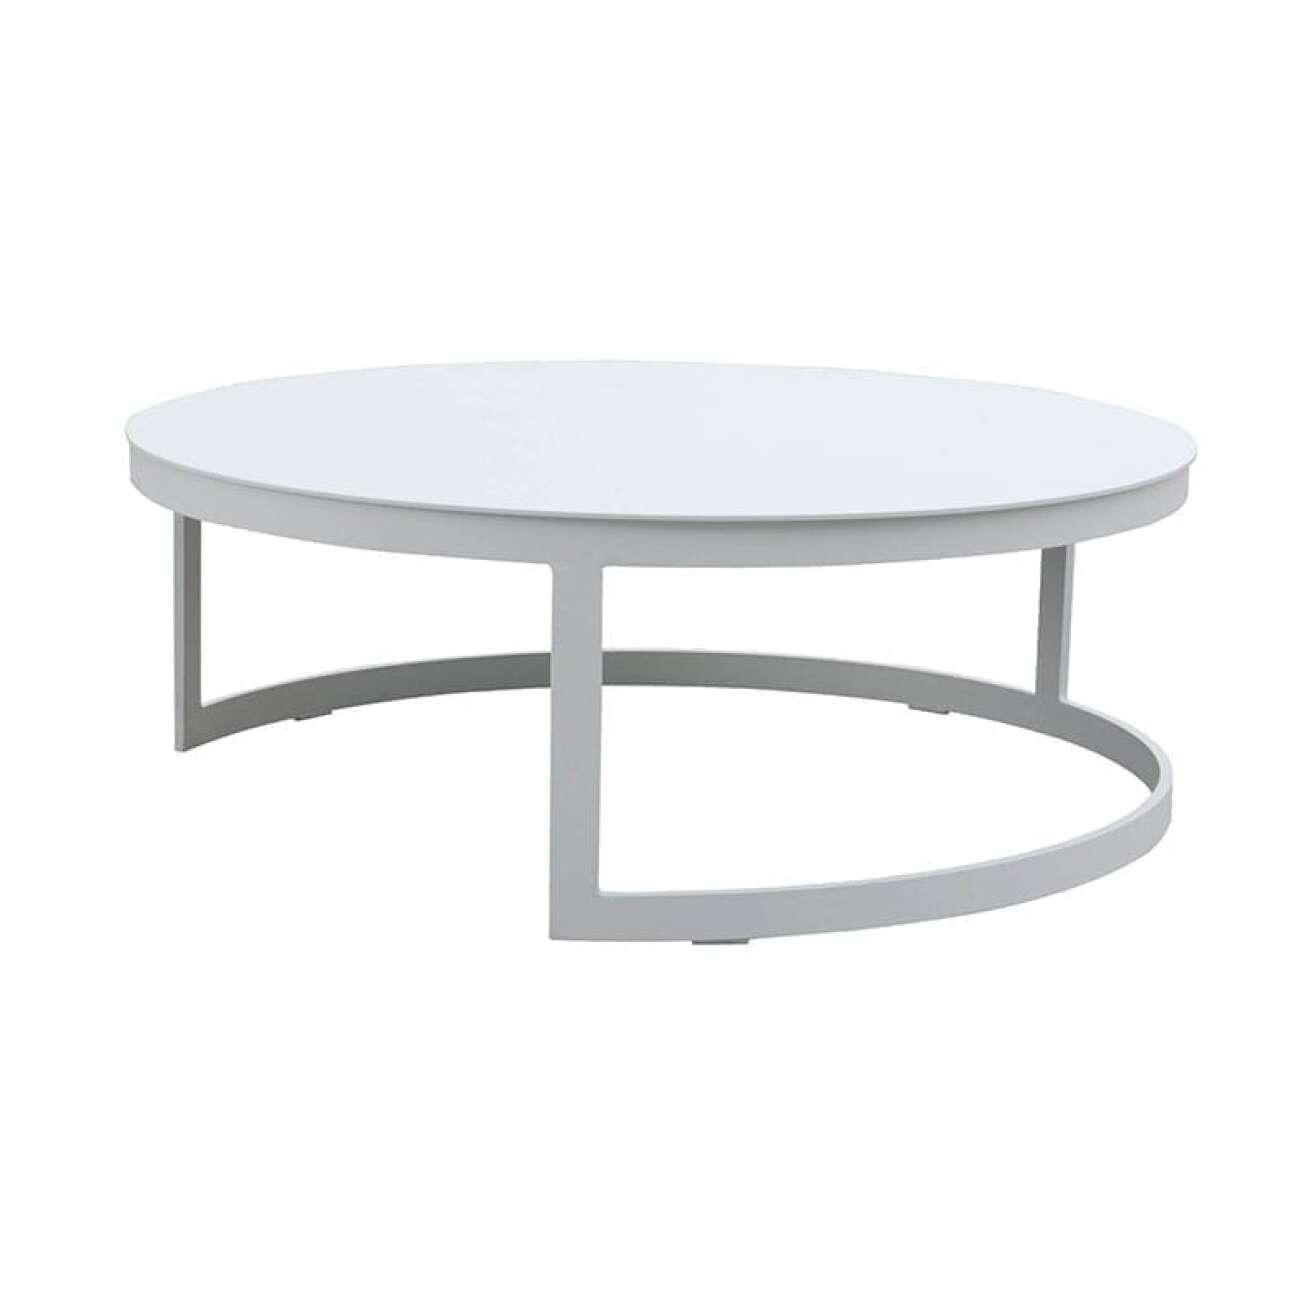 Gardenart Rundt Bord Aluminium Hvit (100640hvit) Hagemøbler og utemøbler - Fine design